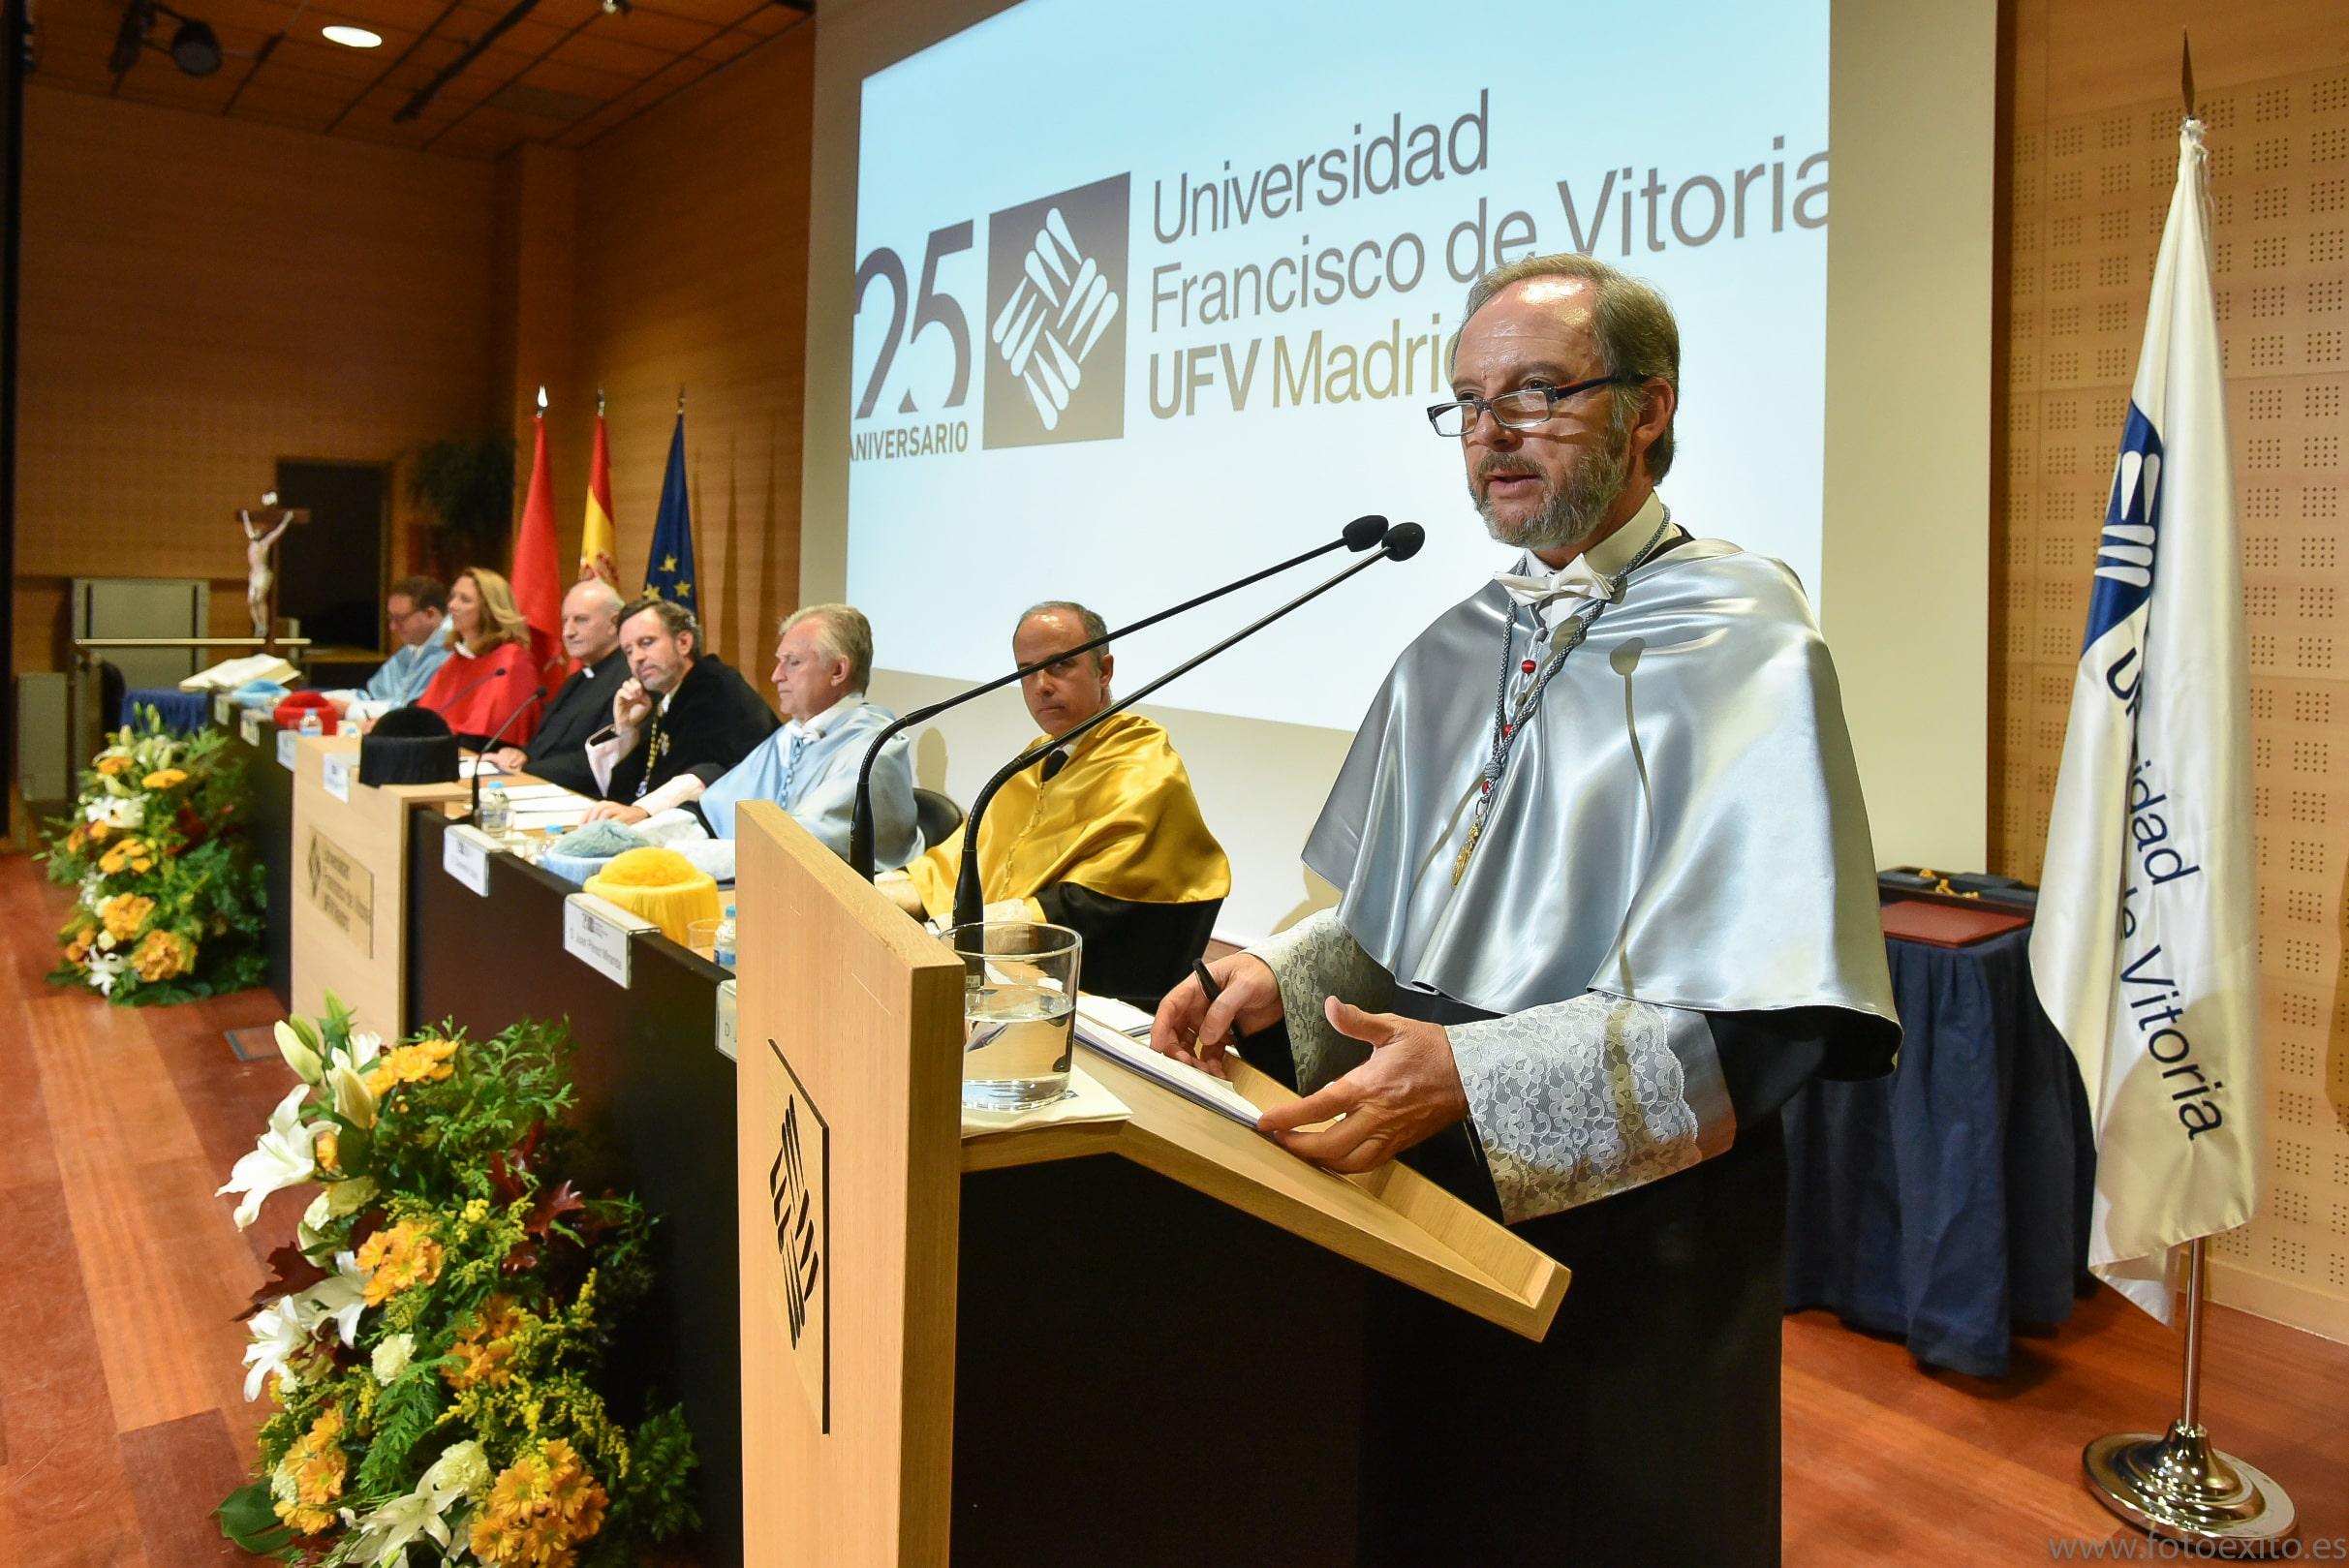 180928 UFV 261 min Actos académicos curso 2018/2019 Estudiar en Universidad Privada Madrid